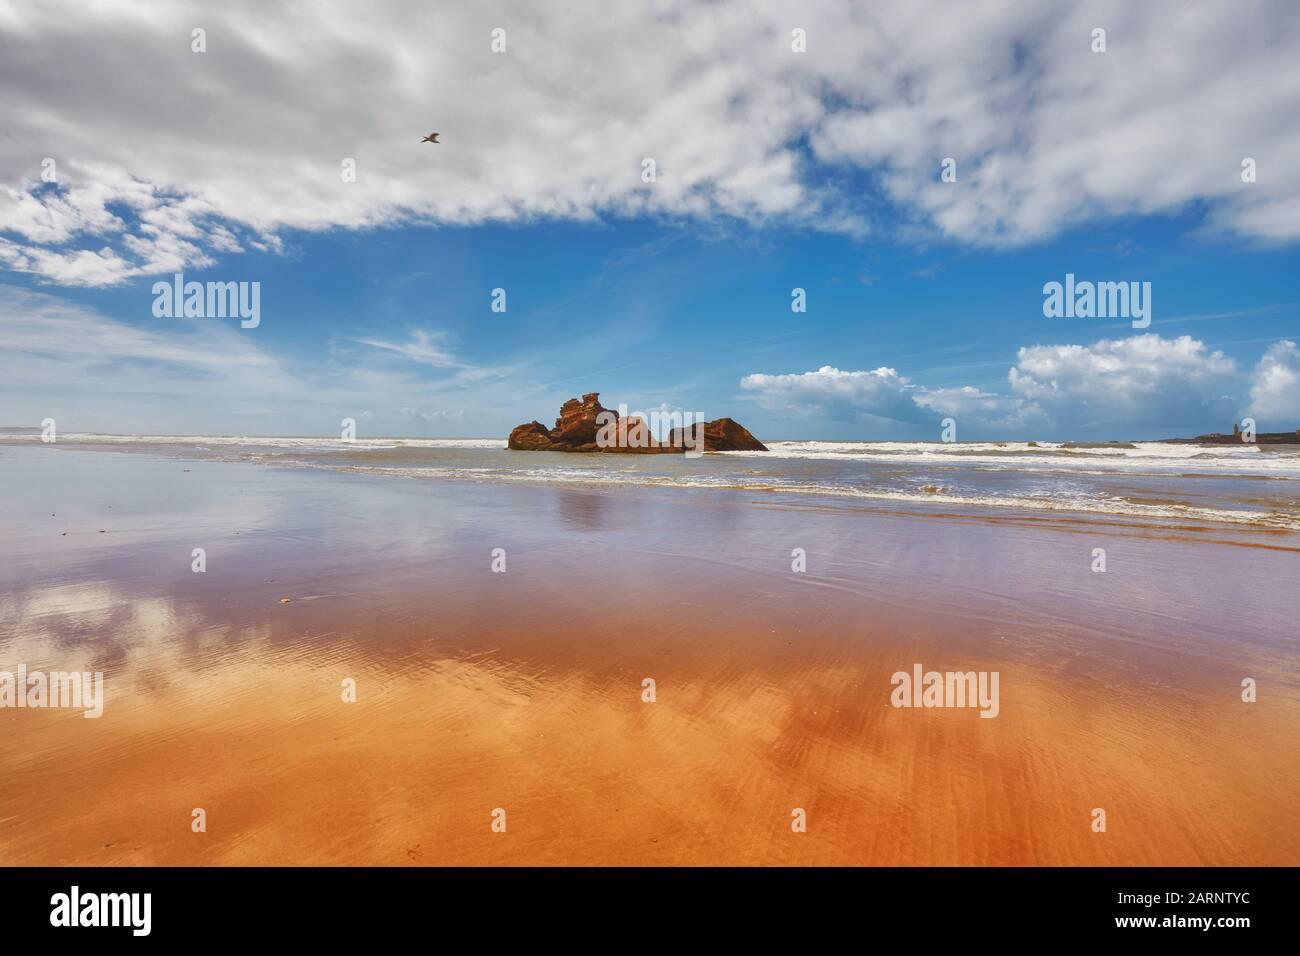 La costa dell'Oceano Atlantico, la sabbia dorata, il cielo blu, le piccole rocce sono specchiate nell'onda costiera. Spiaggia Nei Pressi Di Esoueira, Marocco Foto Stock